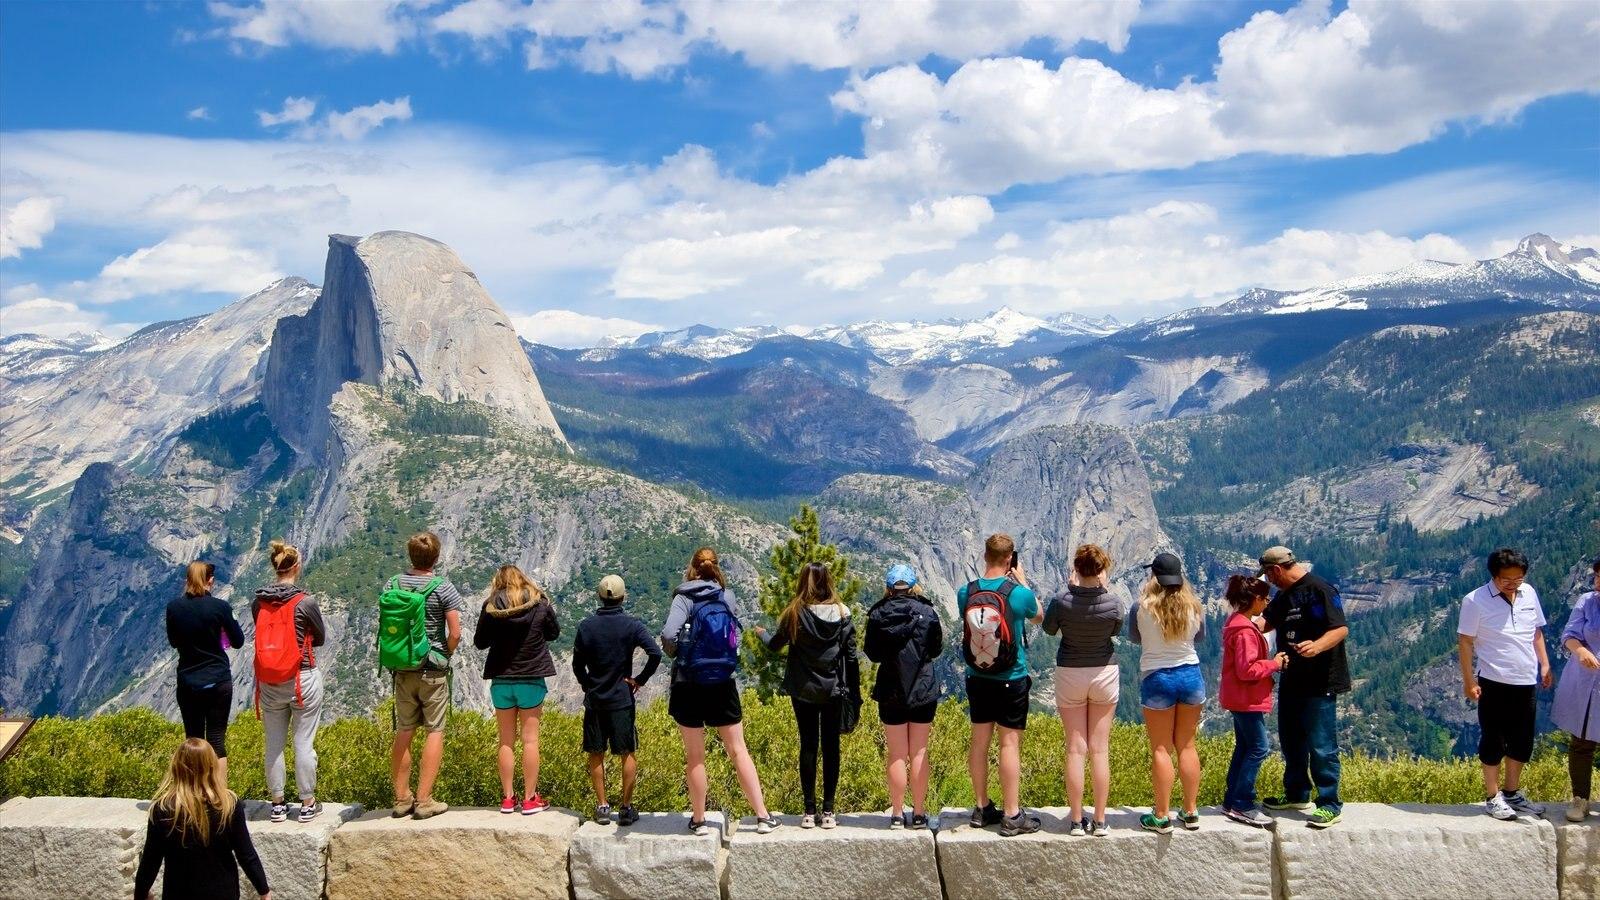 Glacier Point que incluye montañas y vistas y también un gran grupo de personas